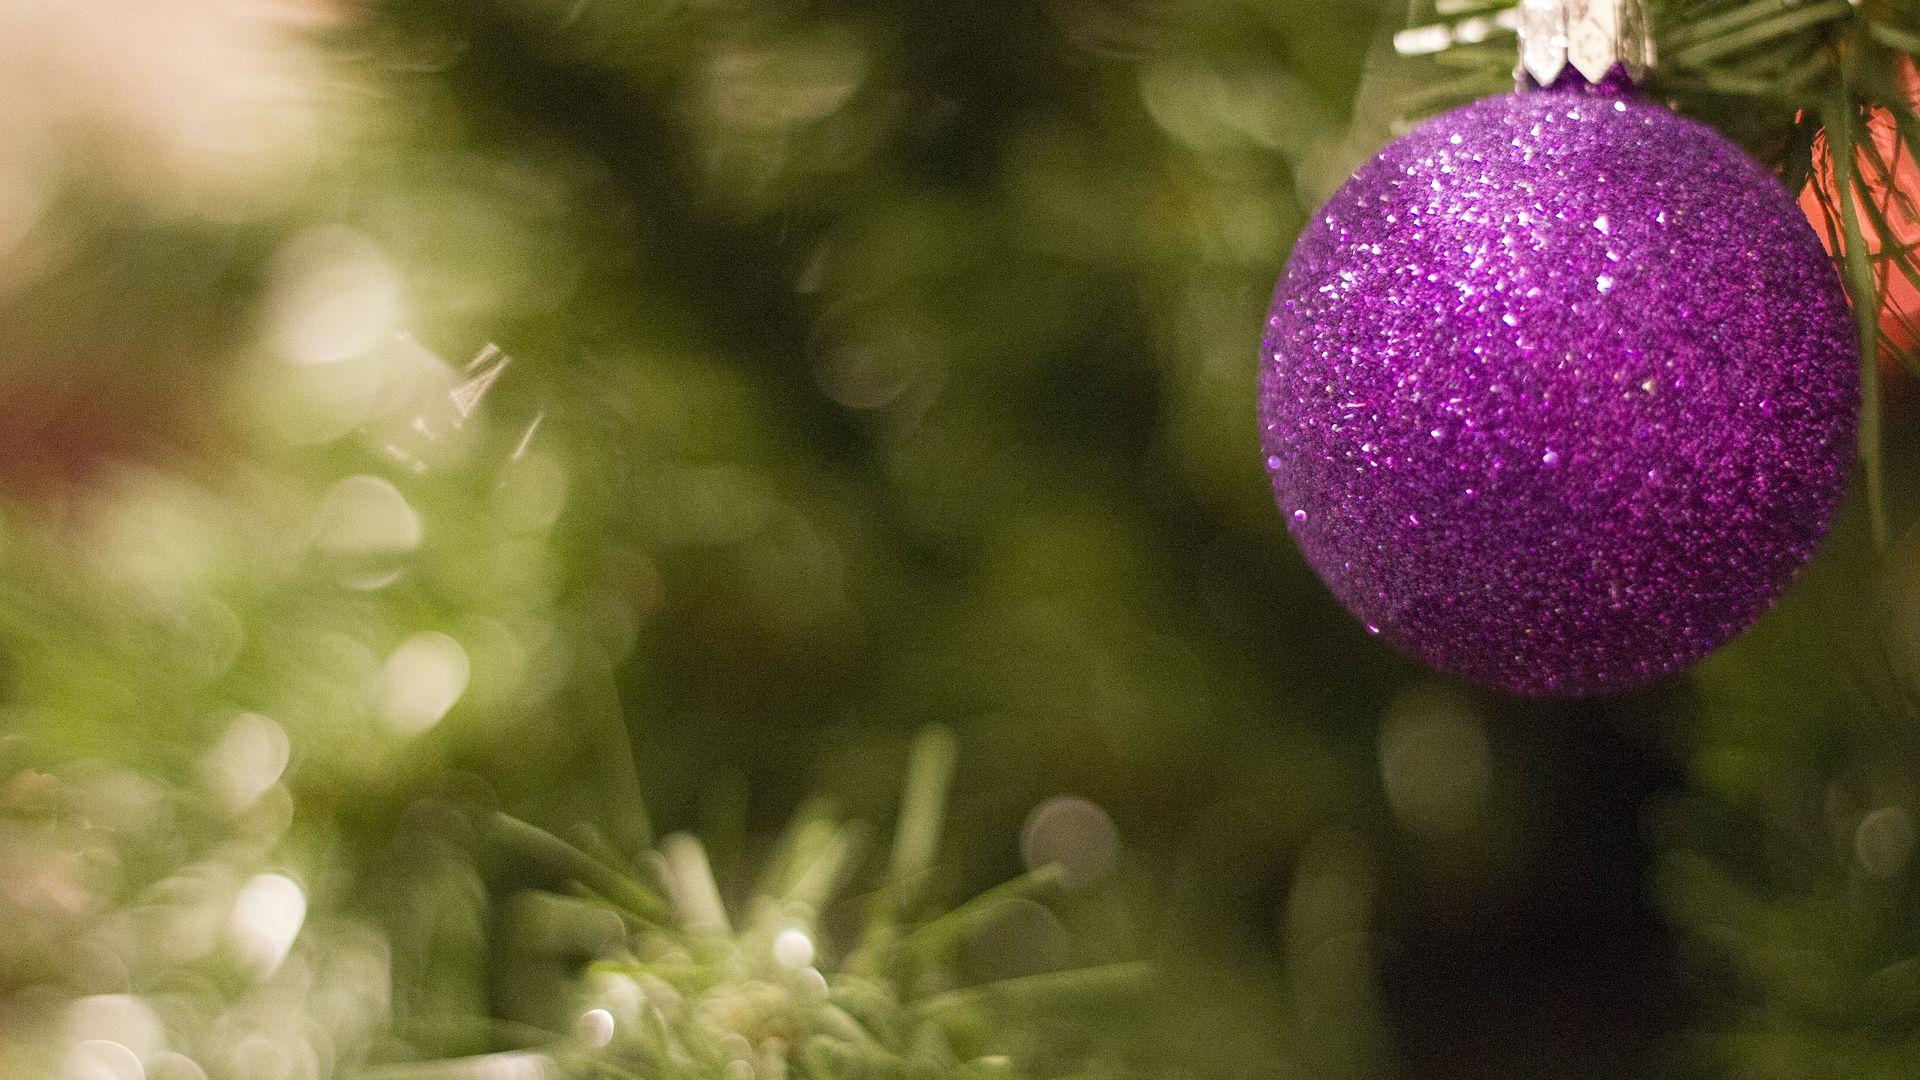 Wallpaper Christmas, xmas ornament, blur